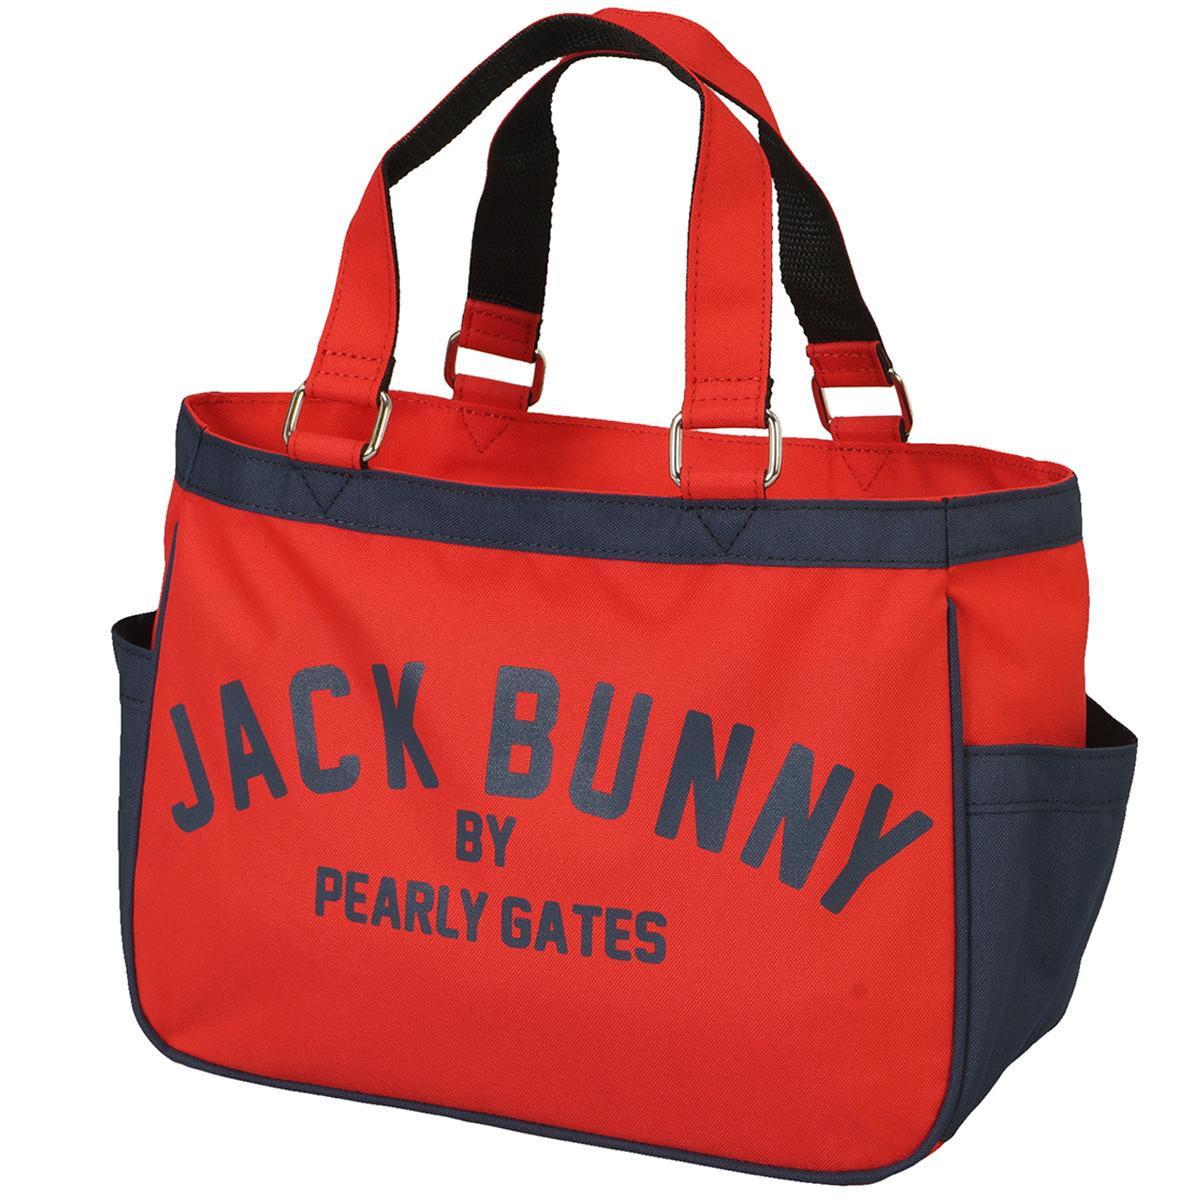 ジャックバニー バイ パーリーゲイツ Jack Bunny!! by PEARLY GATES カートバッグ 262-6981101[ゴルフ用品 ラウンドバッグ ゴルフ ラウンドバック ラウンド小物 バッグ バック ゴルフバッグ ゴルフバック カートバック スポーツバッグ スポーツバック gdo]